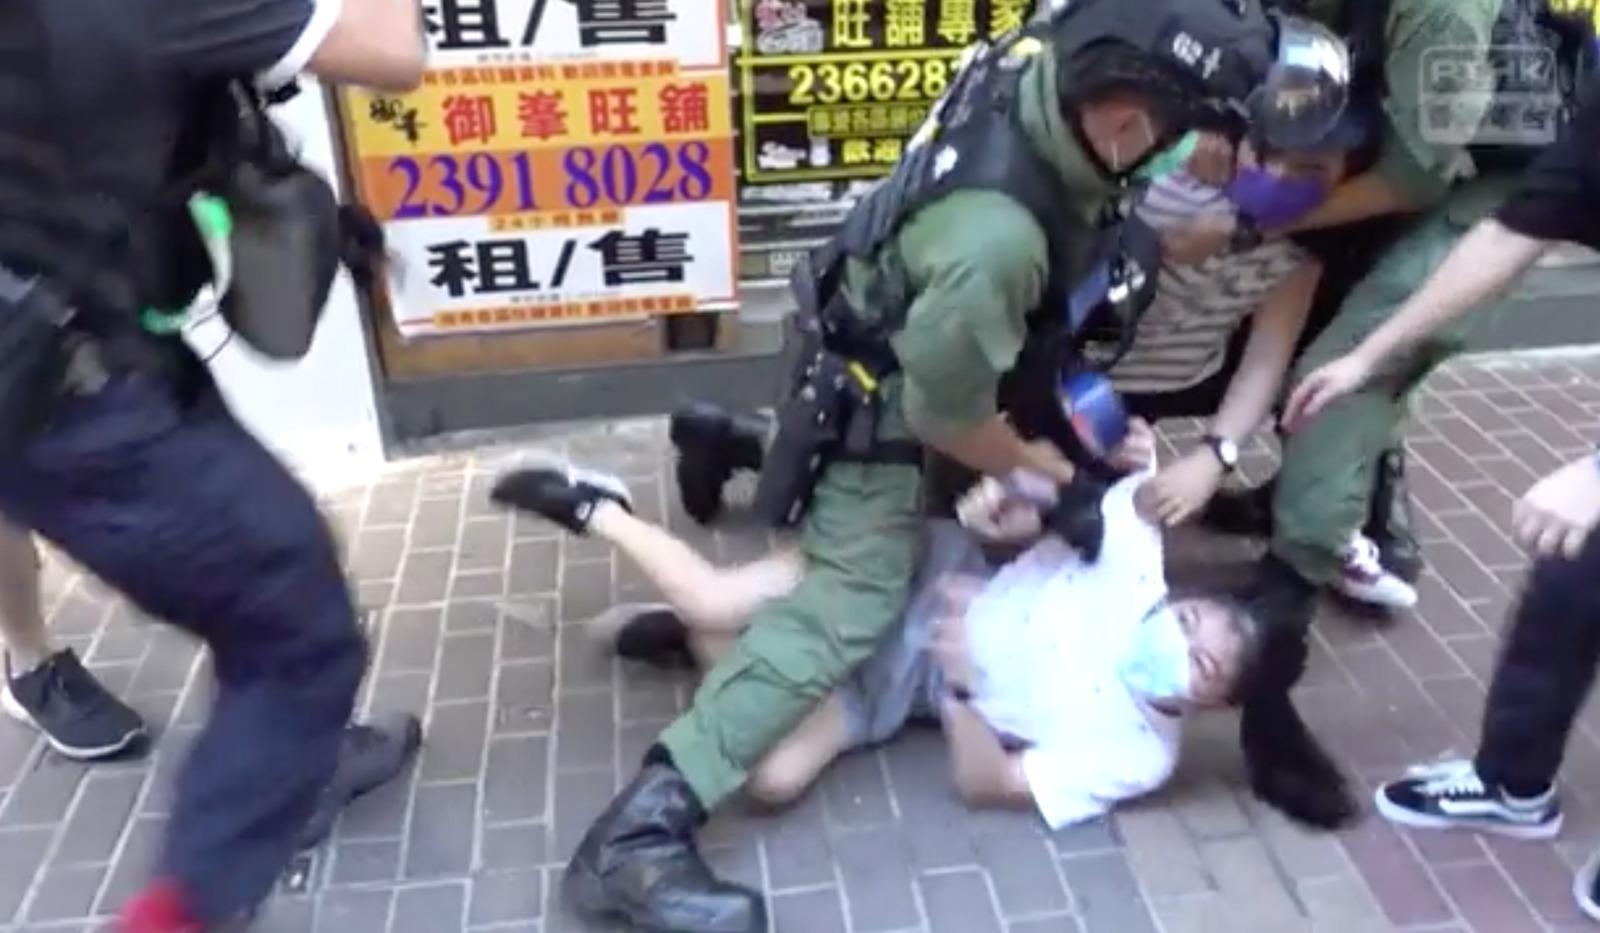 9.6九龍大遊行中,警方用膝蓋壓倒一名12歲女童的強力執法行為備受爭議。(港台影片截圖)